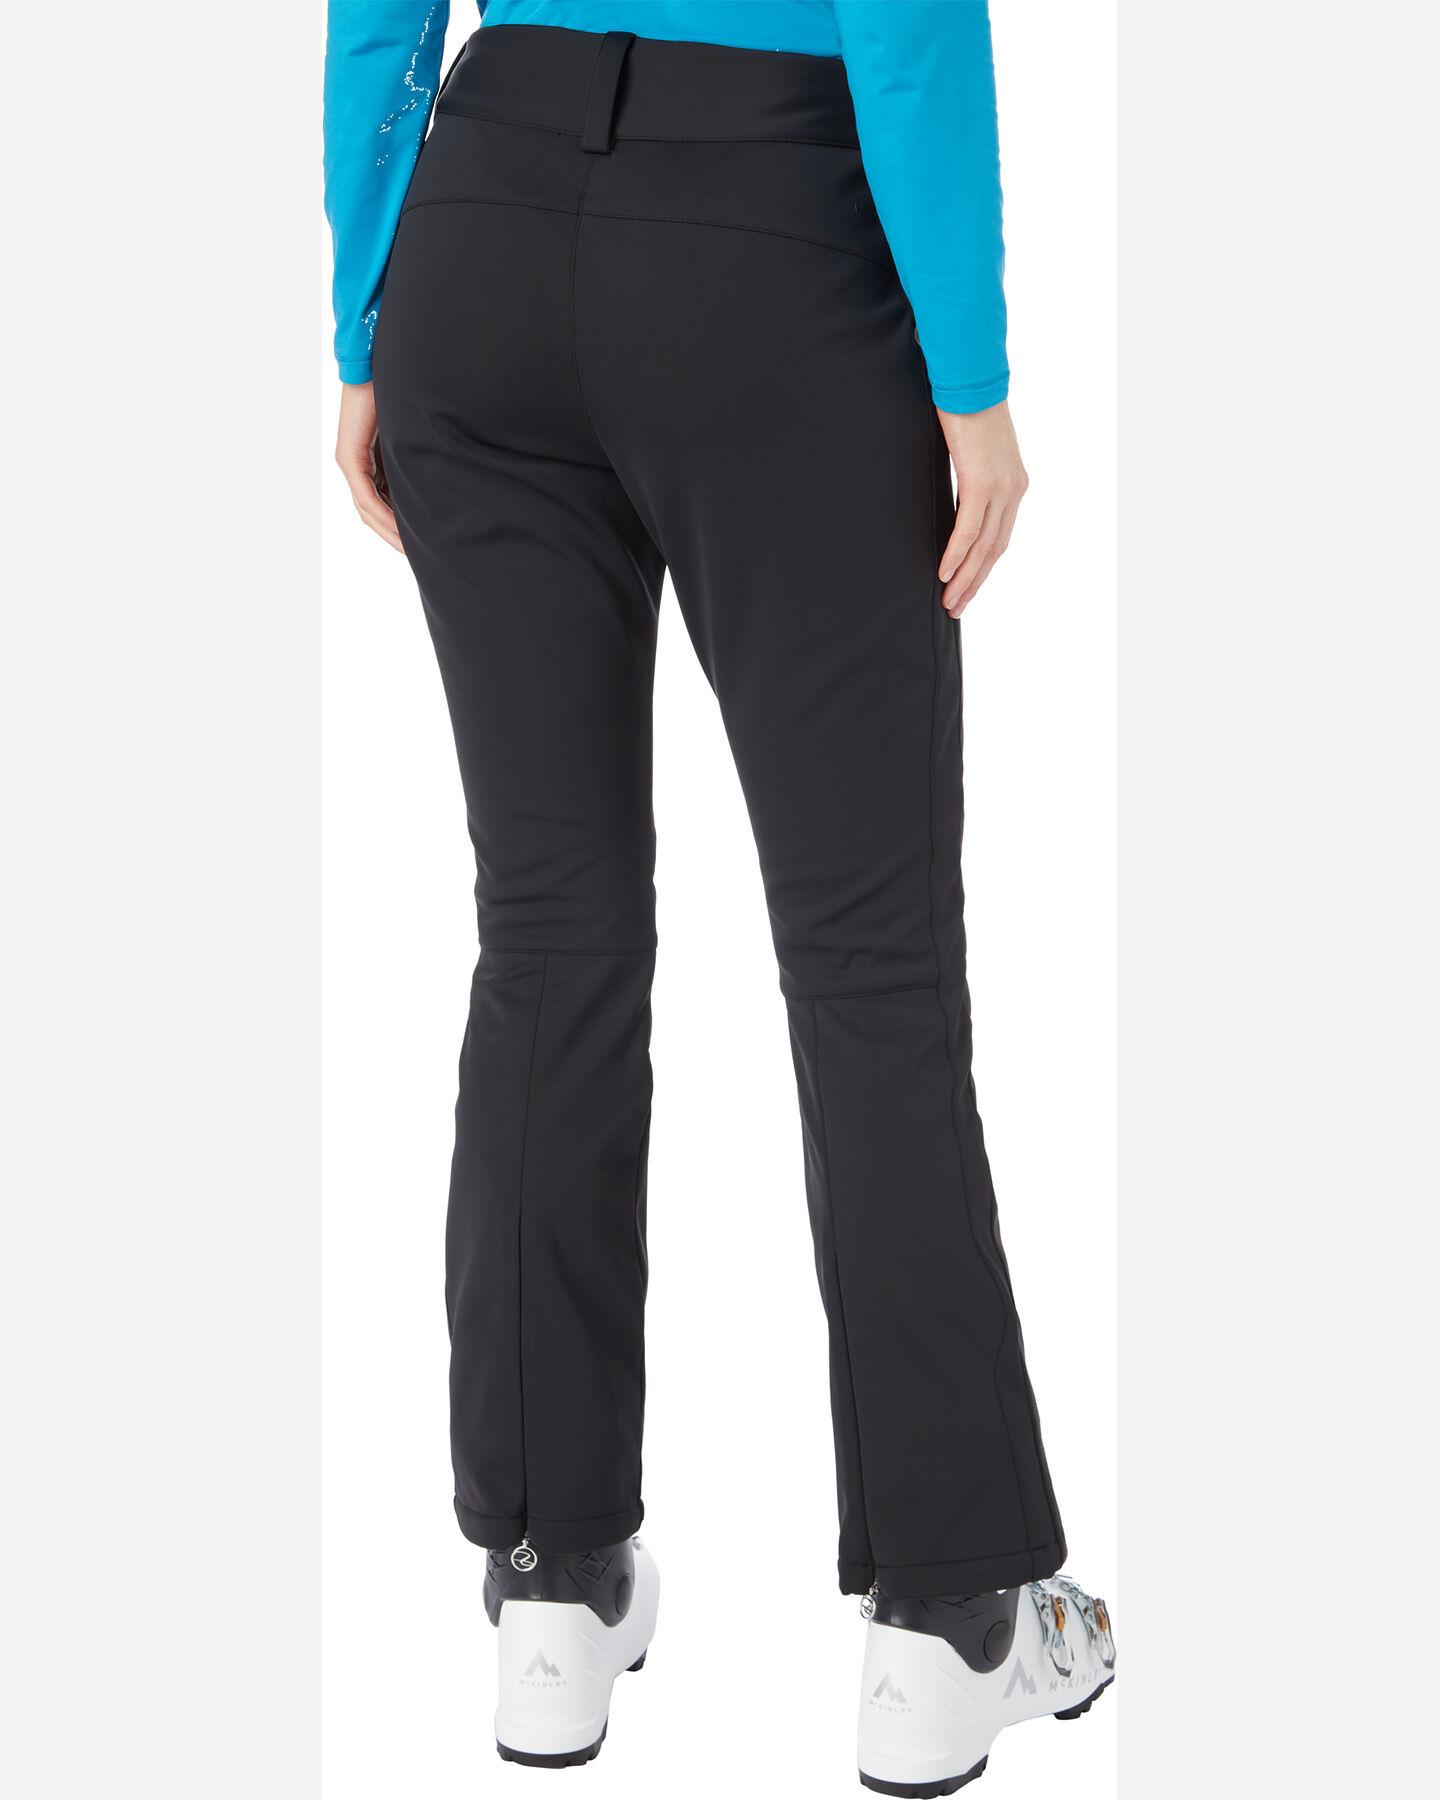 Pantalone sci MCKINLEY GAEL W S5208422 scatto 2